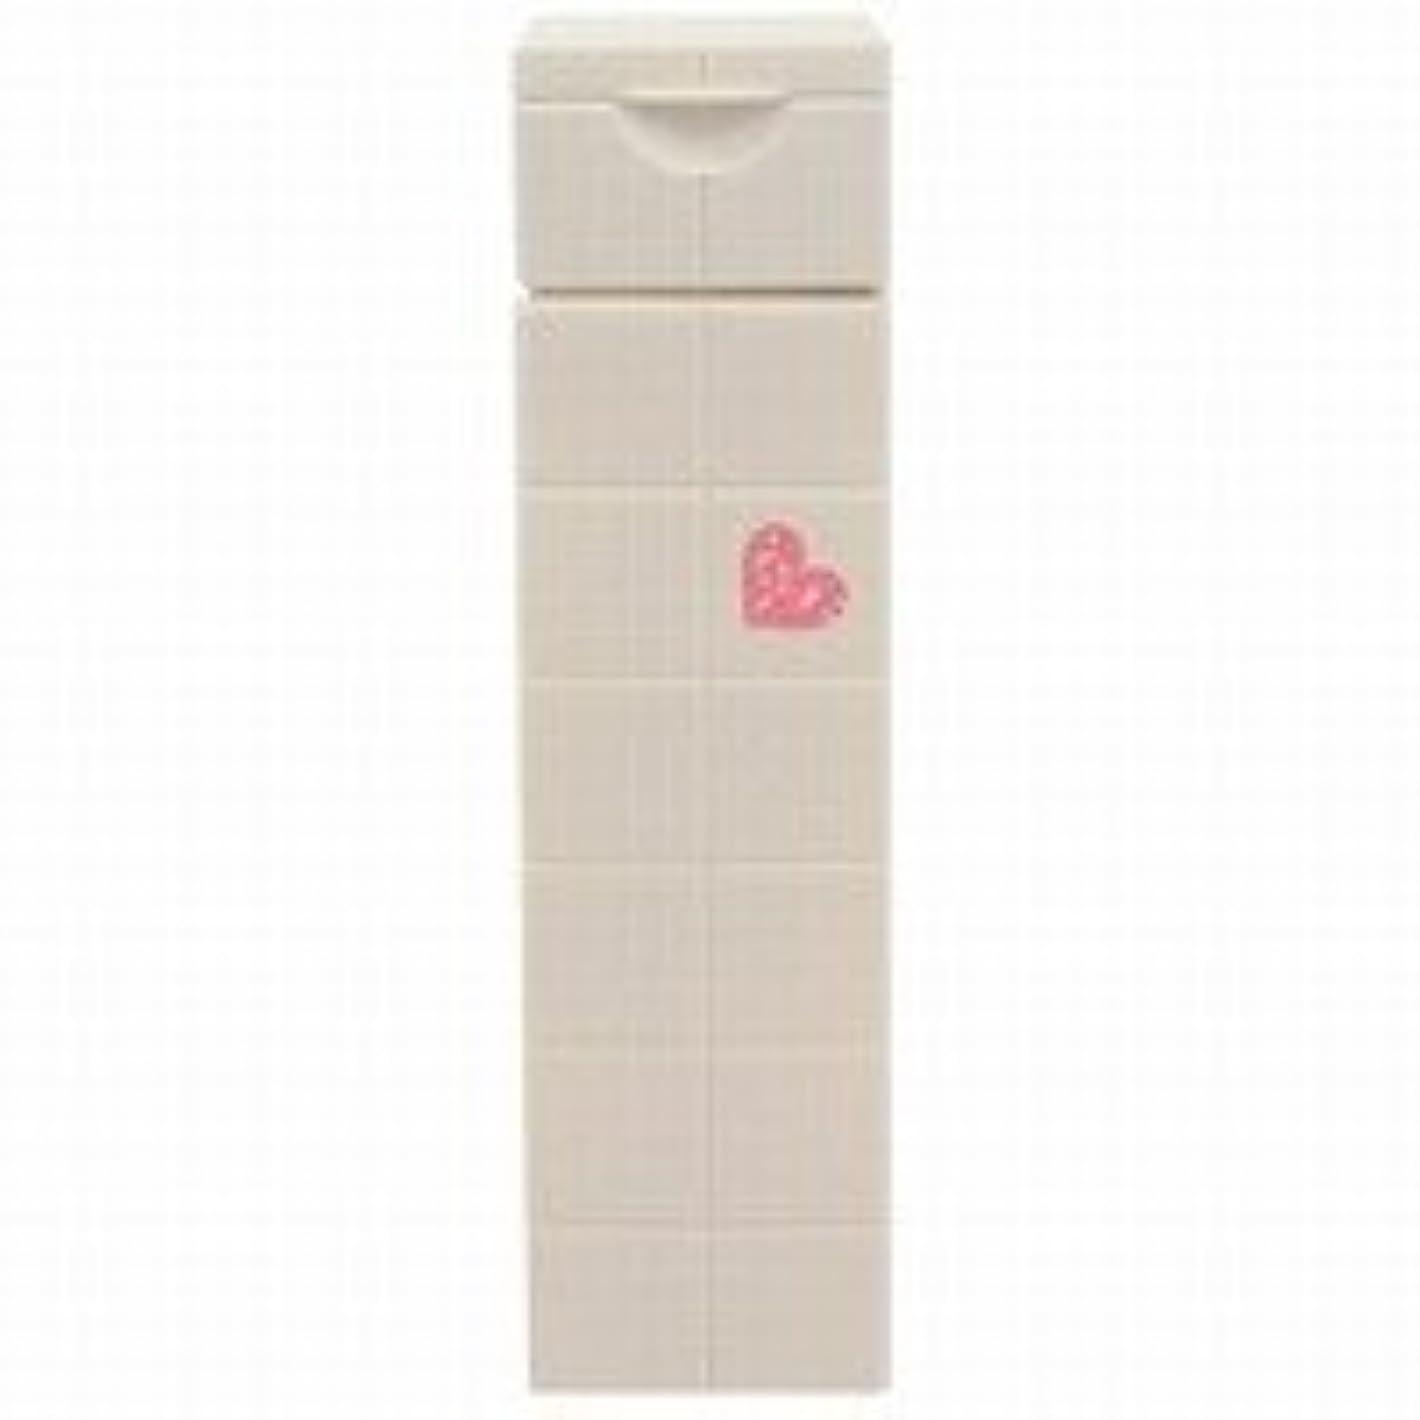 葉っぱサッカー息子【X5個セット】 アリミノ ピース プロデザインシリーズ モイストミルク バニラ 200ml